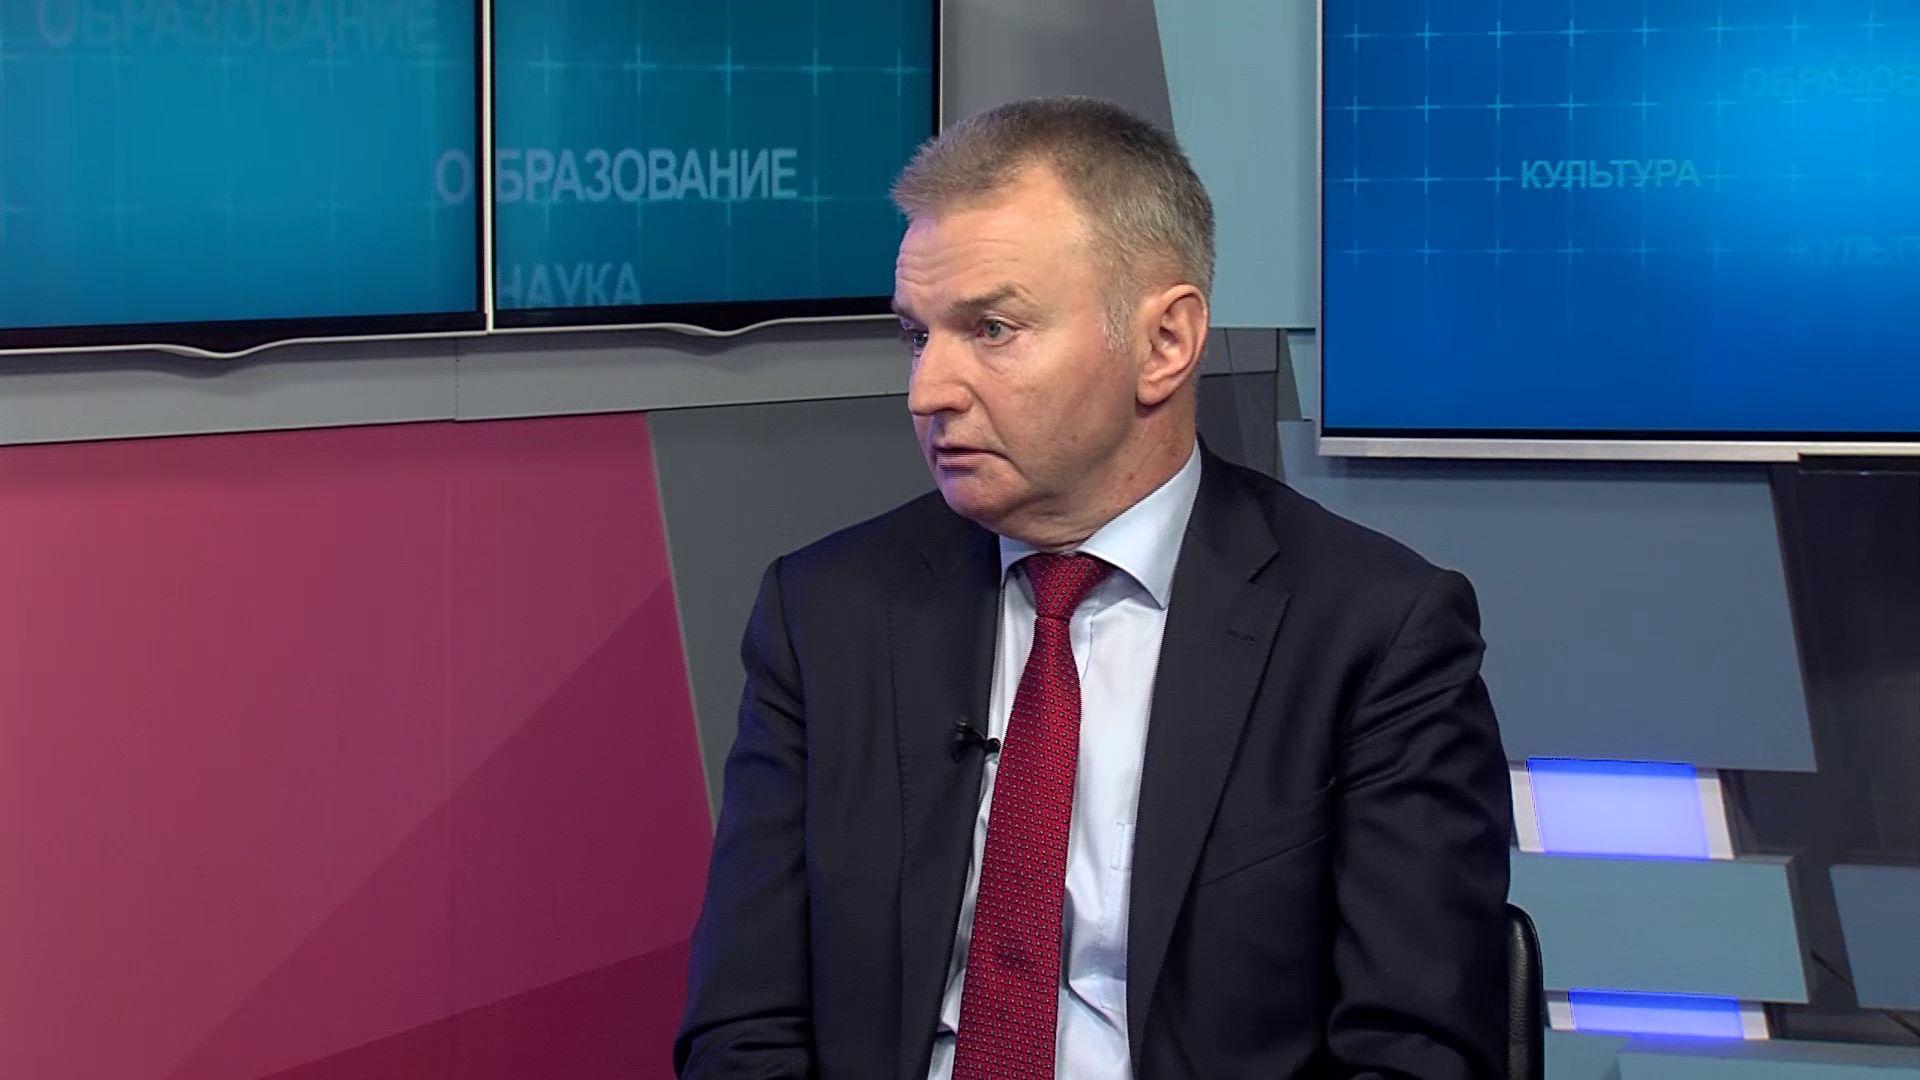 «В тему». Игорь Каграманян: как жить в условиях пандемии, и когда будет готова вакцина от коронавируса?